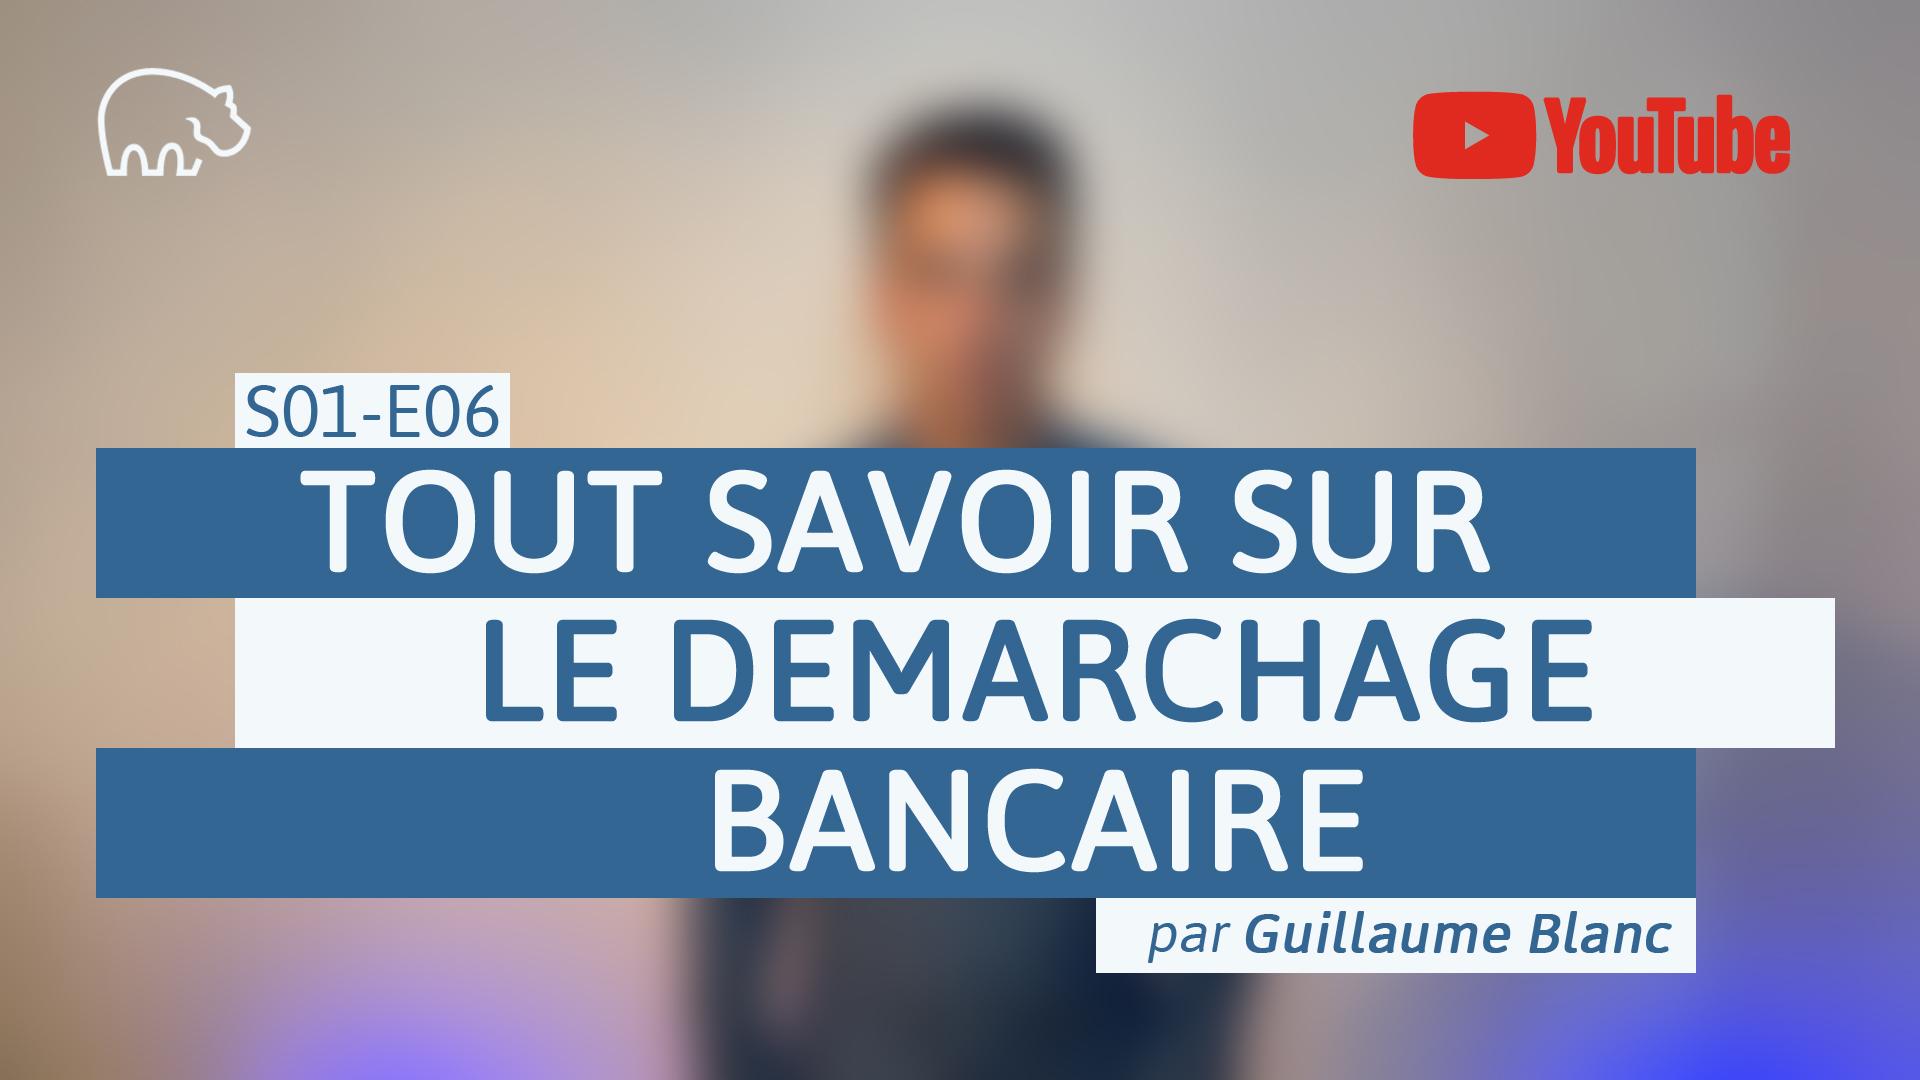 Bannière illustration - ImmoPotamTV - YouTube - Guillaume Blanc - S01-E06 - Tout savoir sur le démarchage bancaire